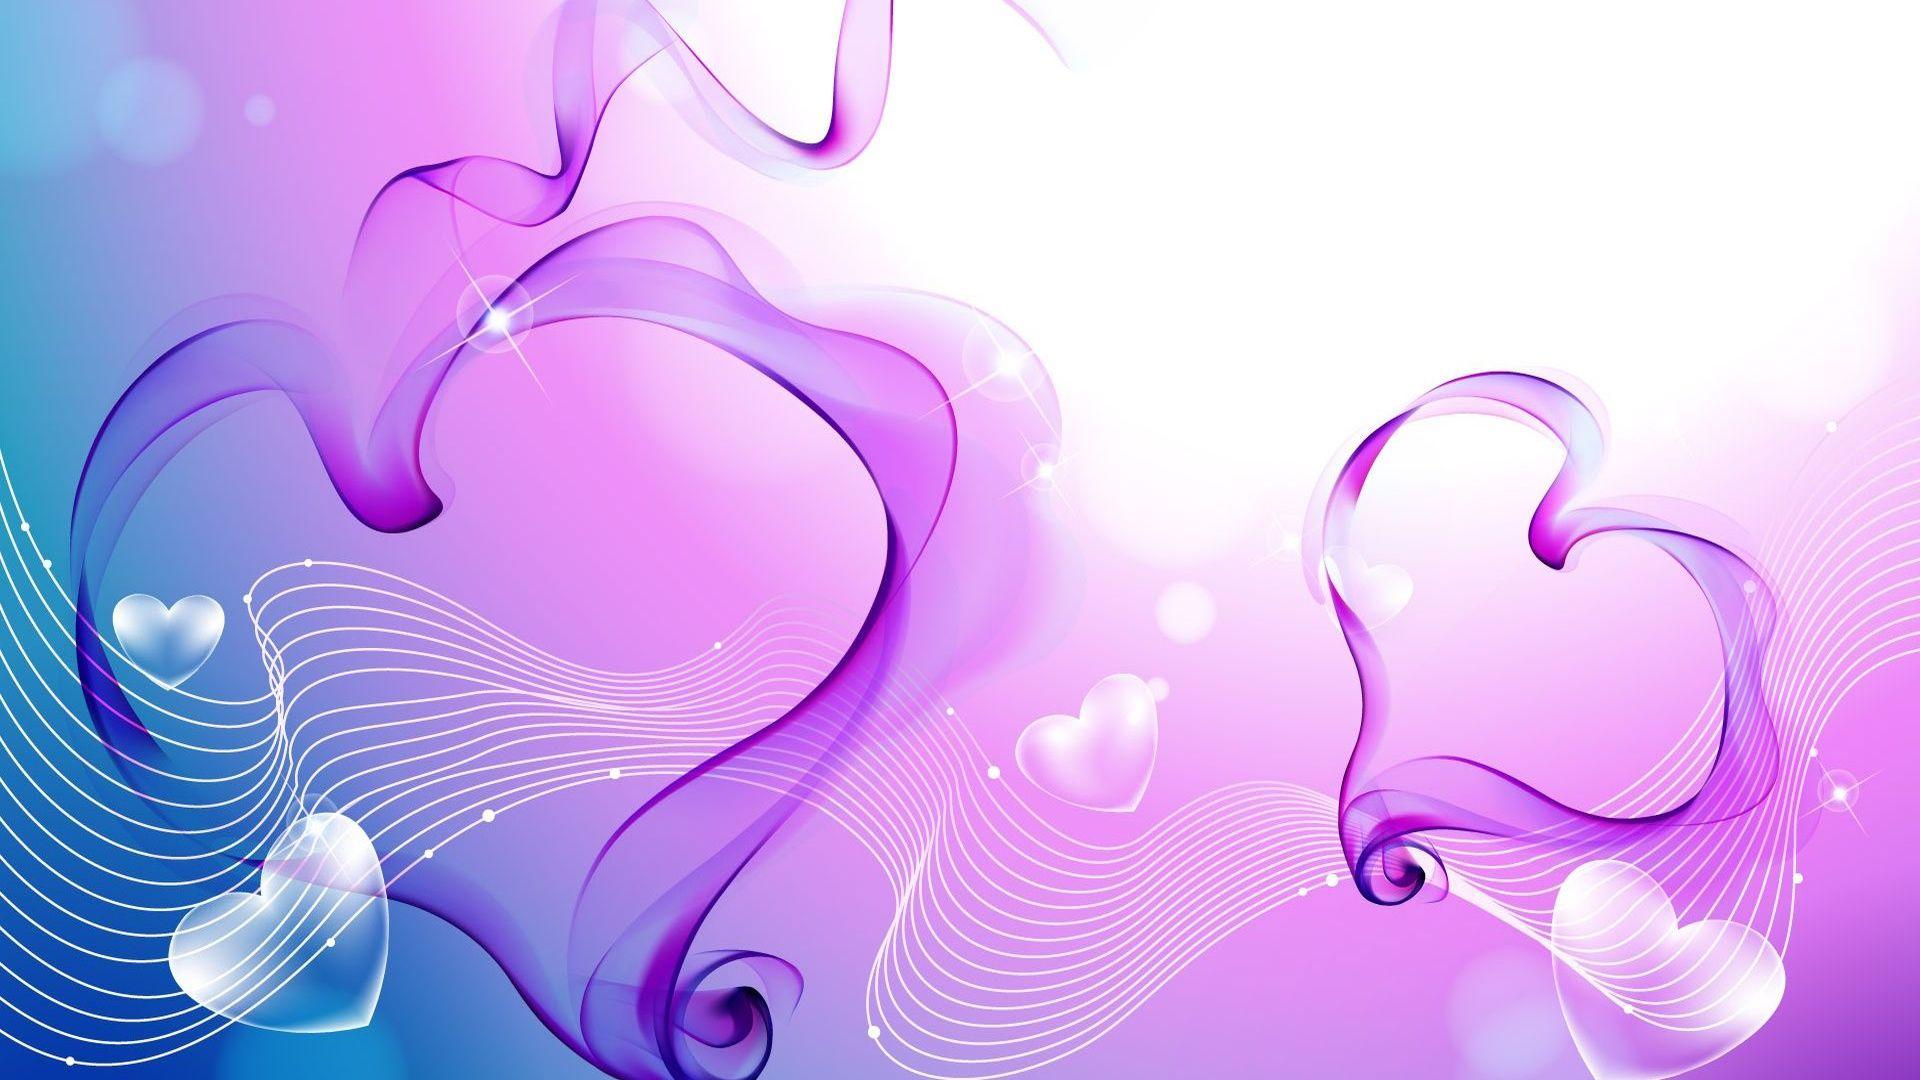 L'Amour est votre nature éternelle ; vous ne pouvez ni le perdre ni le rejeter parce qu'il est ce que vous êtes…